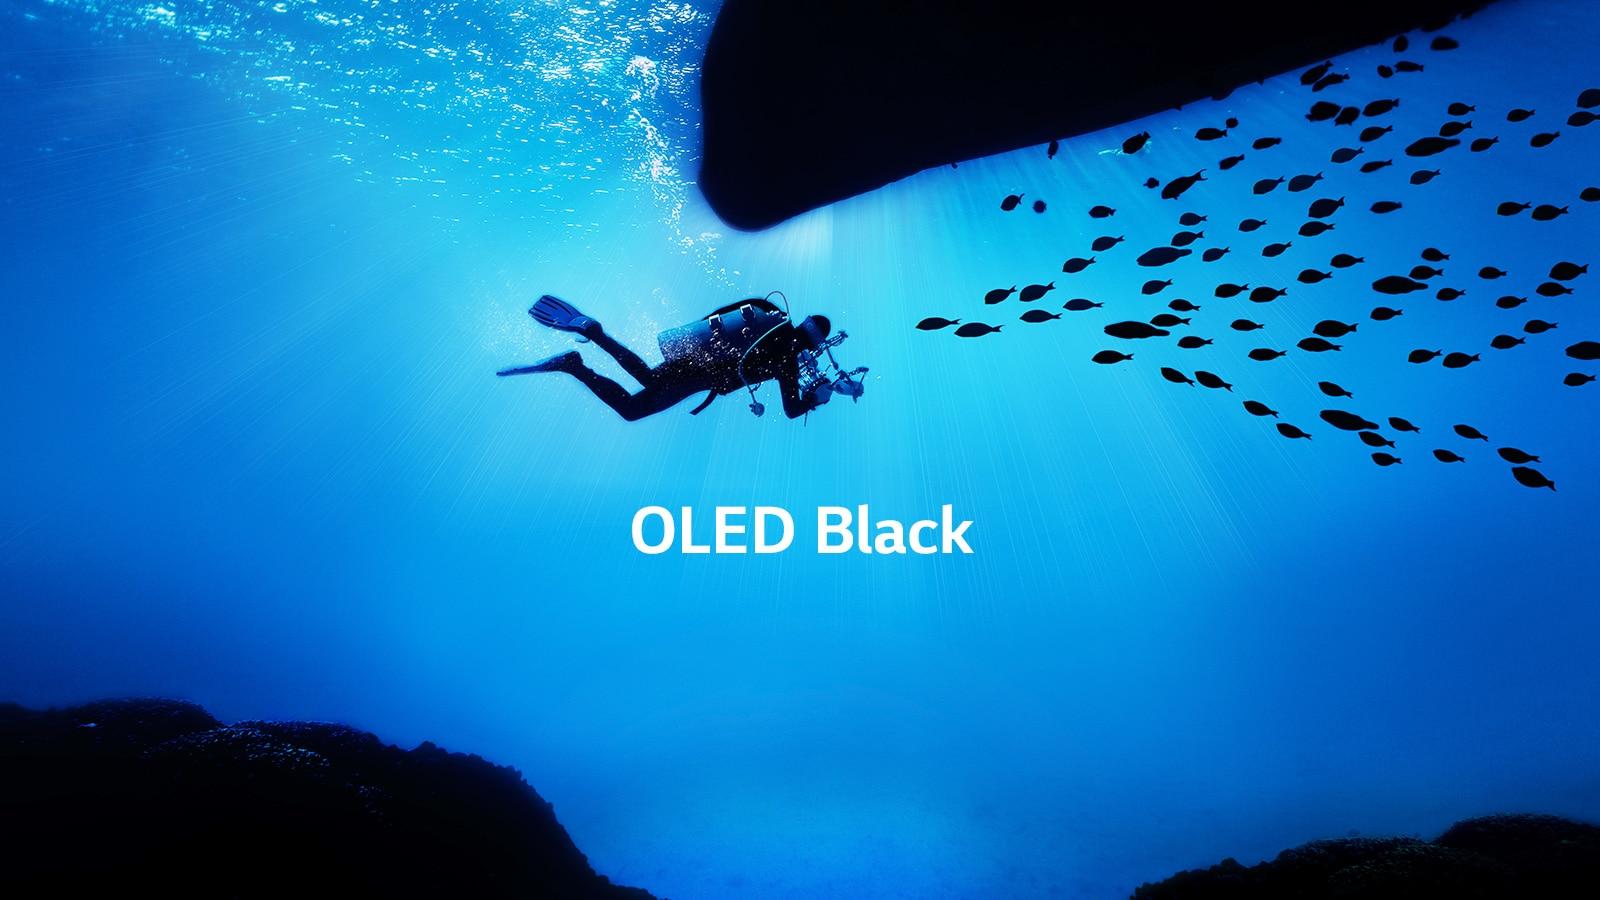 OLED-TV-B9-03-OLED-display-Desktop_v1